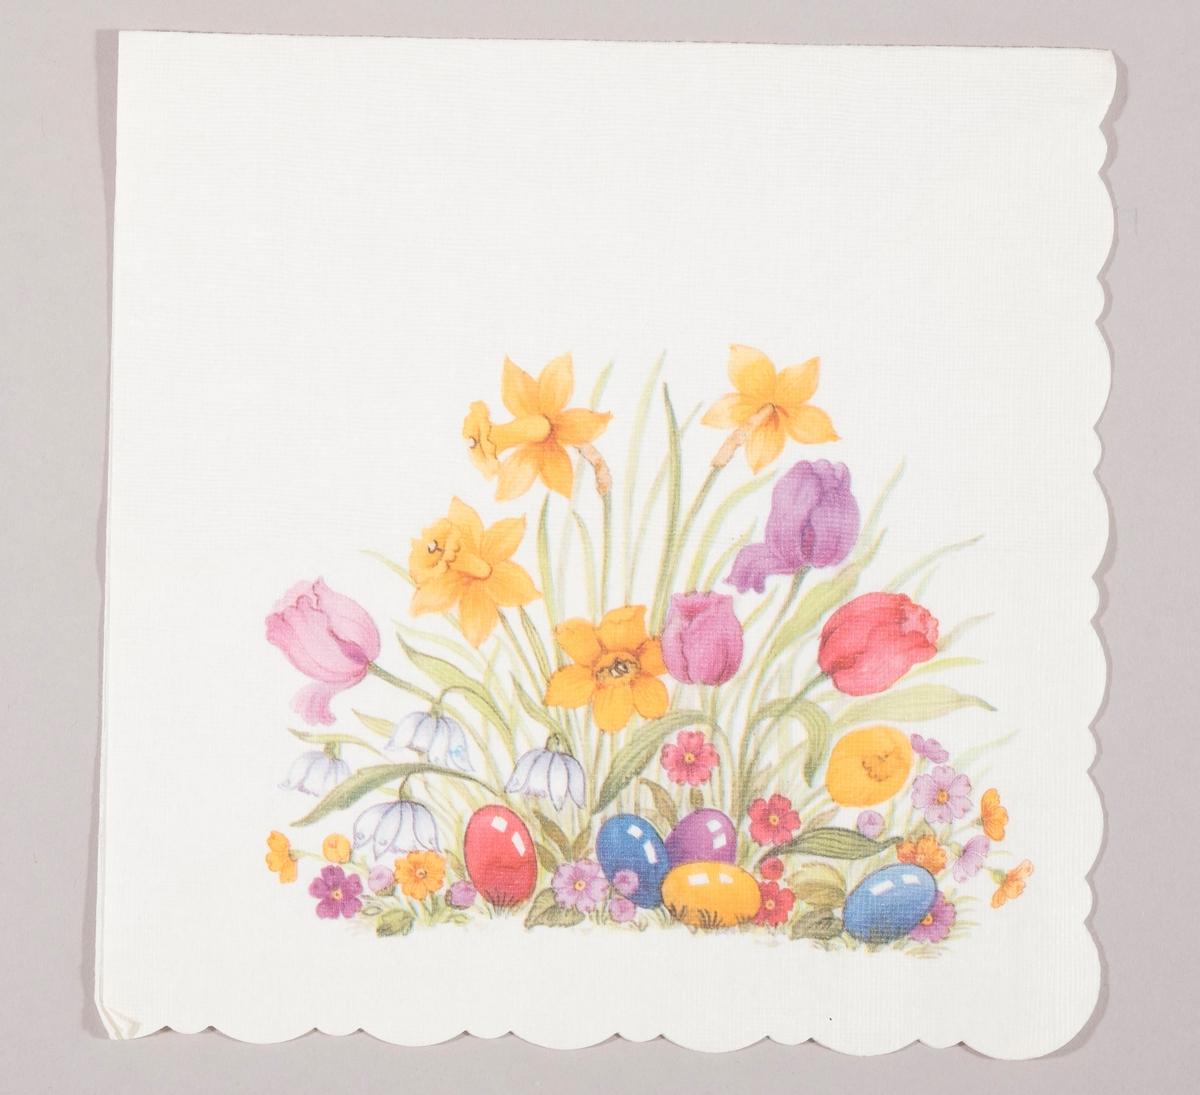 Påskeliljer, tulipaner, snøklokker, små blomster og påskeegg i rød, blå, lilla og gule farger.